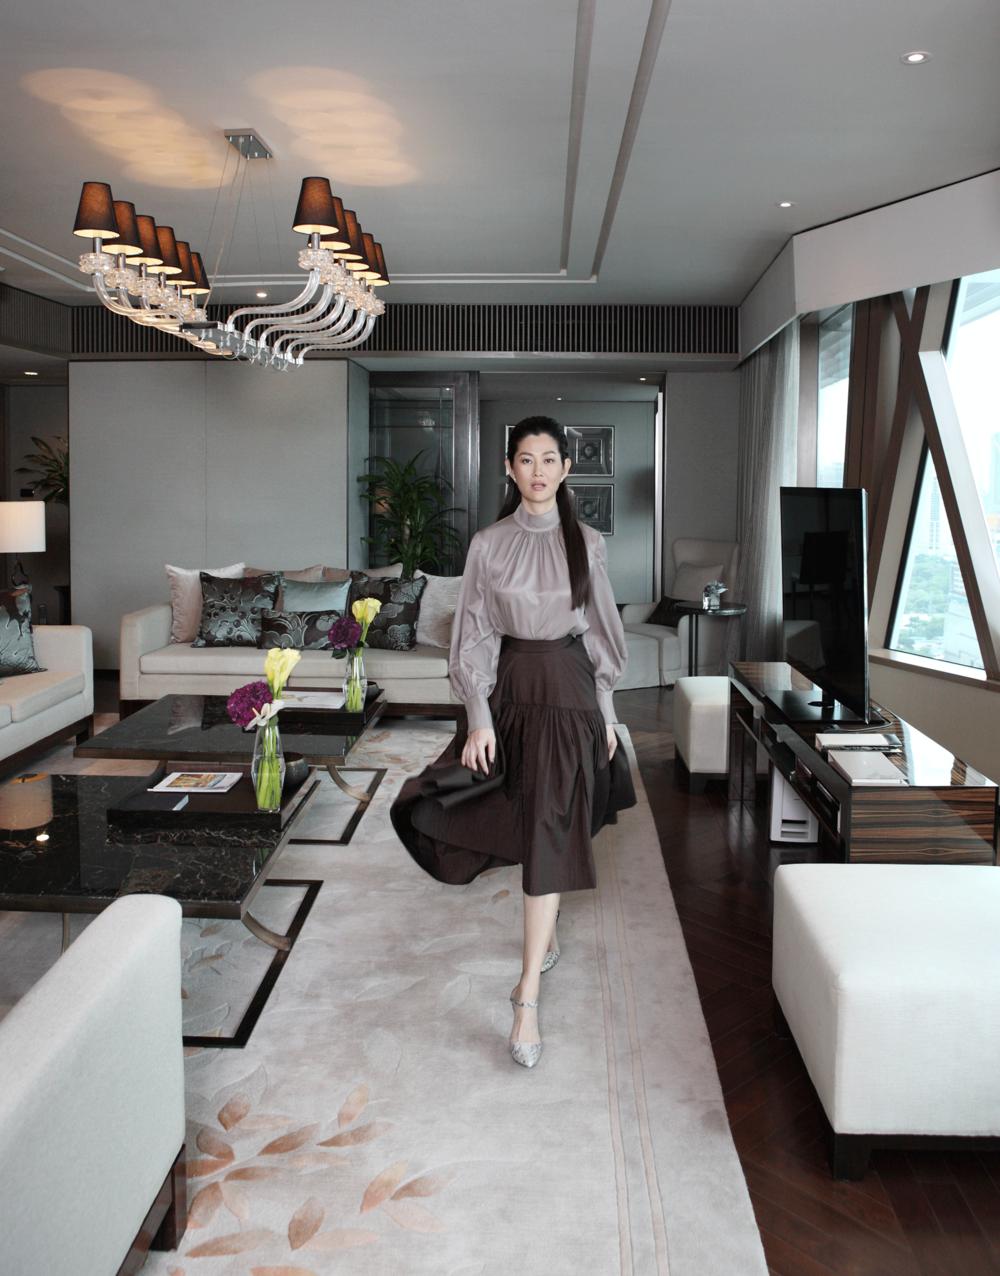 Suquan ; clothes and shoes : ASAVA